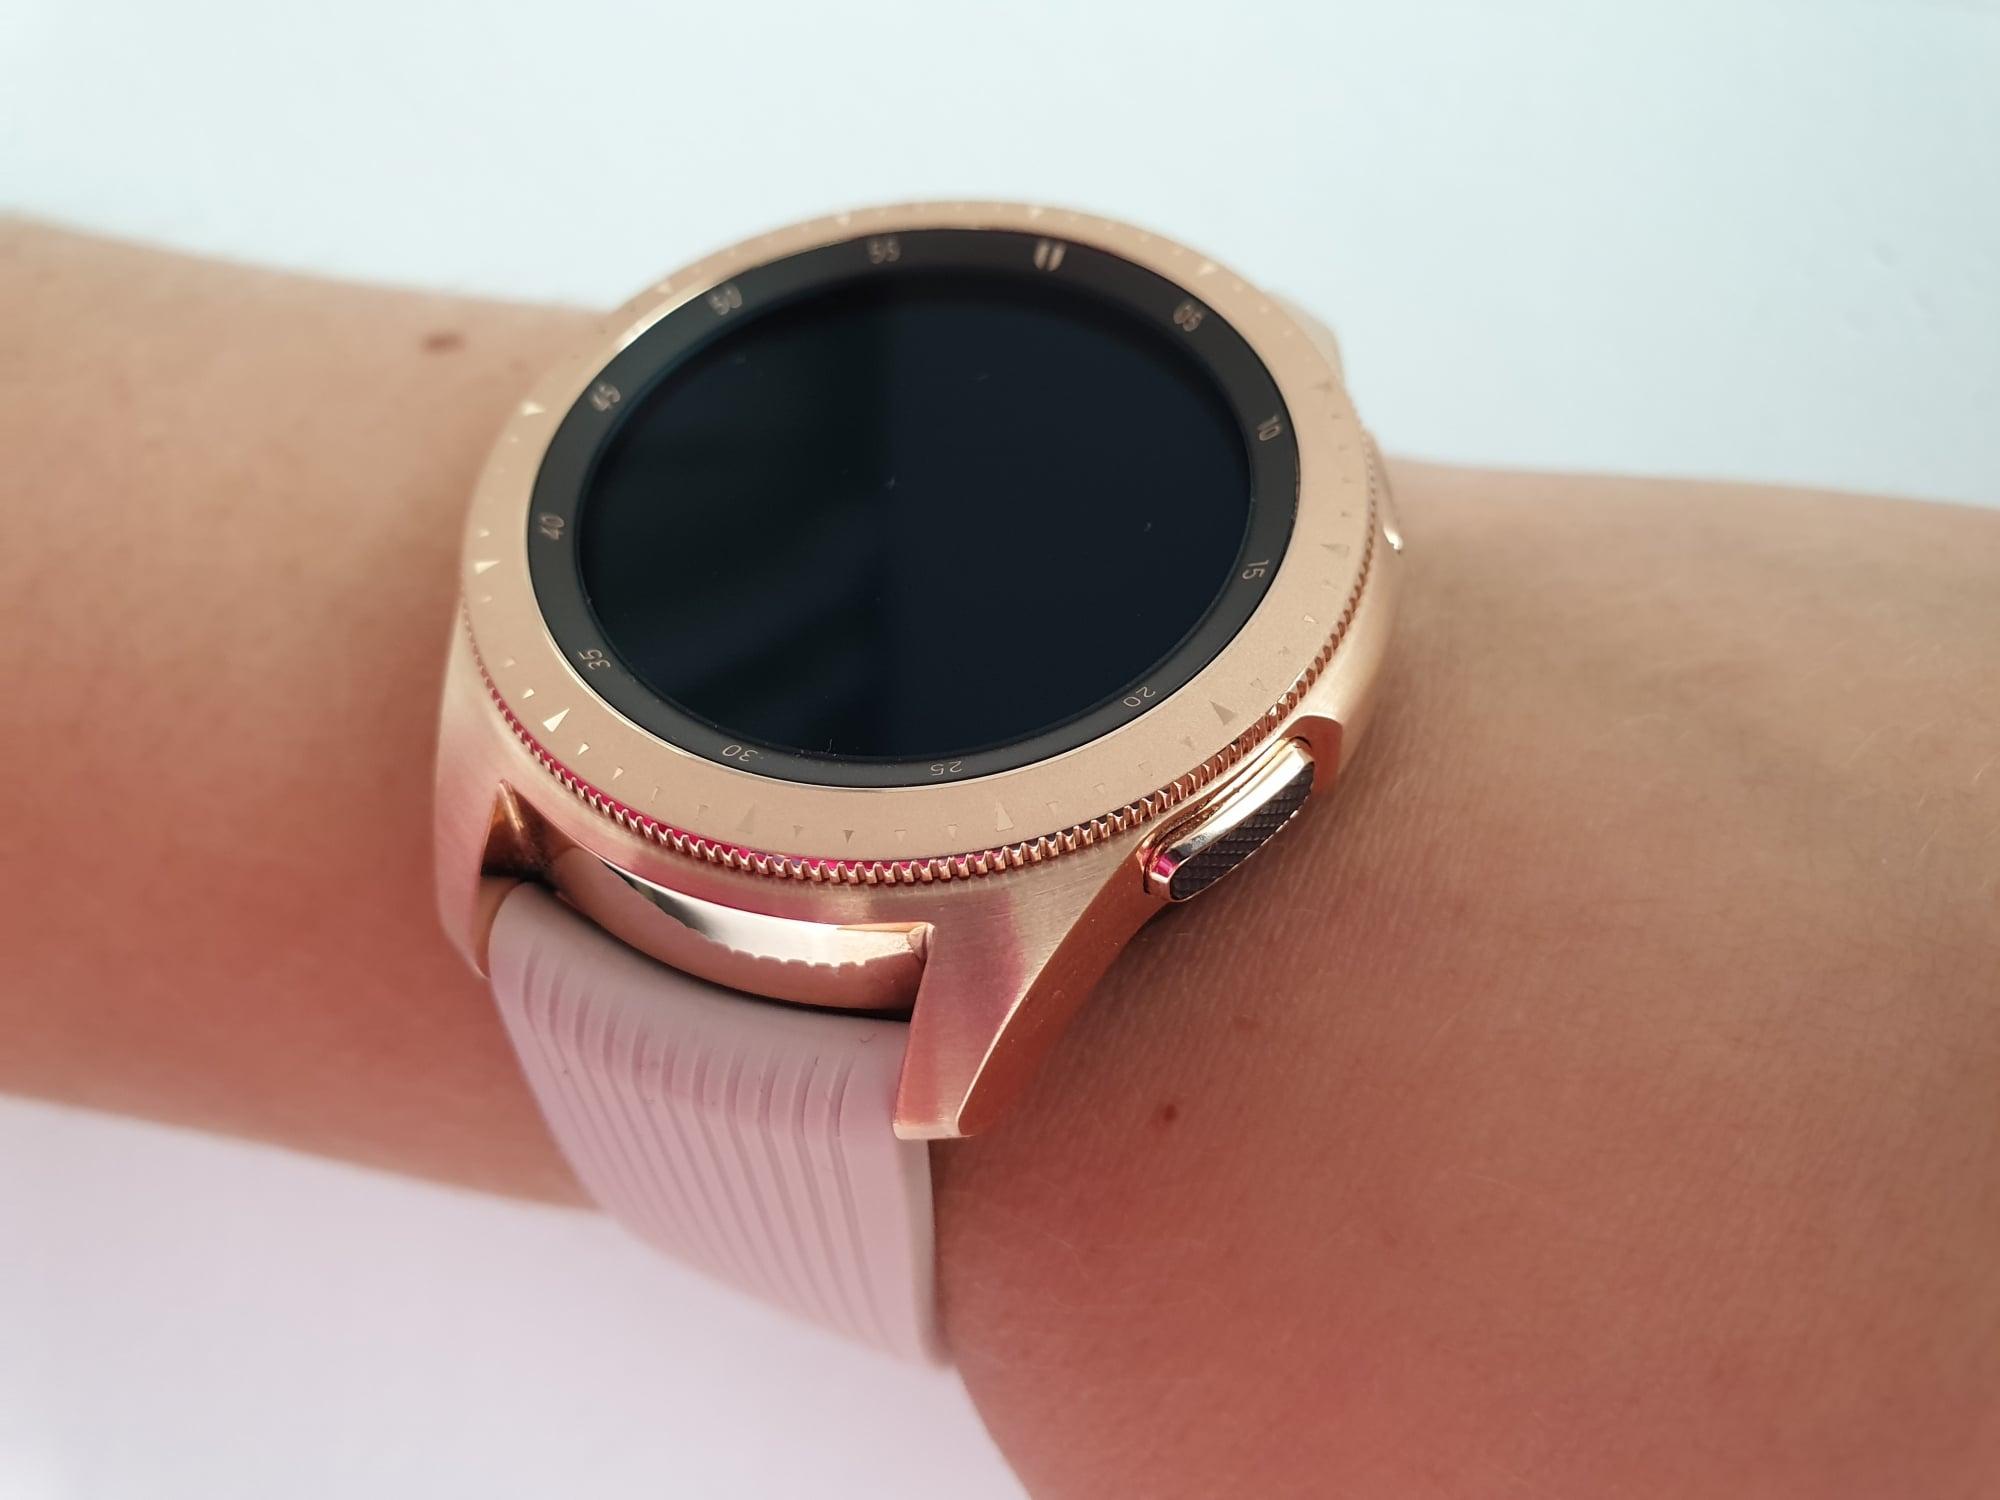 Jest specyfikacja smartwatcha Samsung Galaxy Watch 3